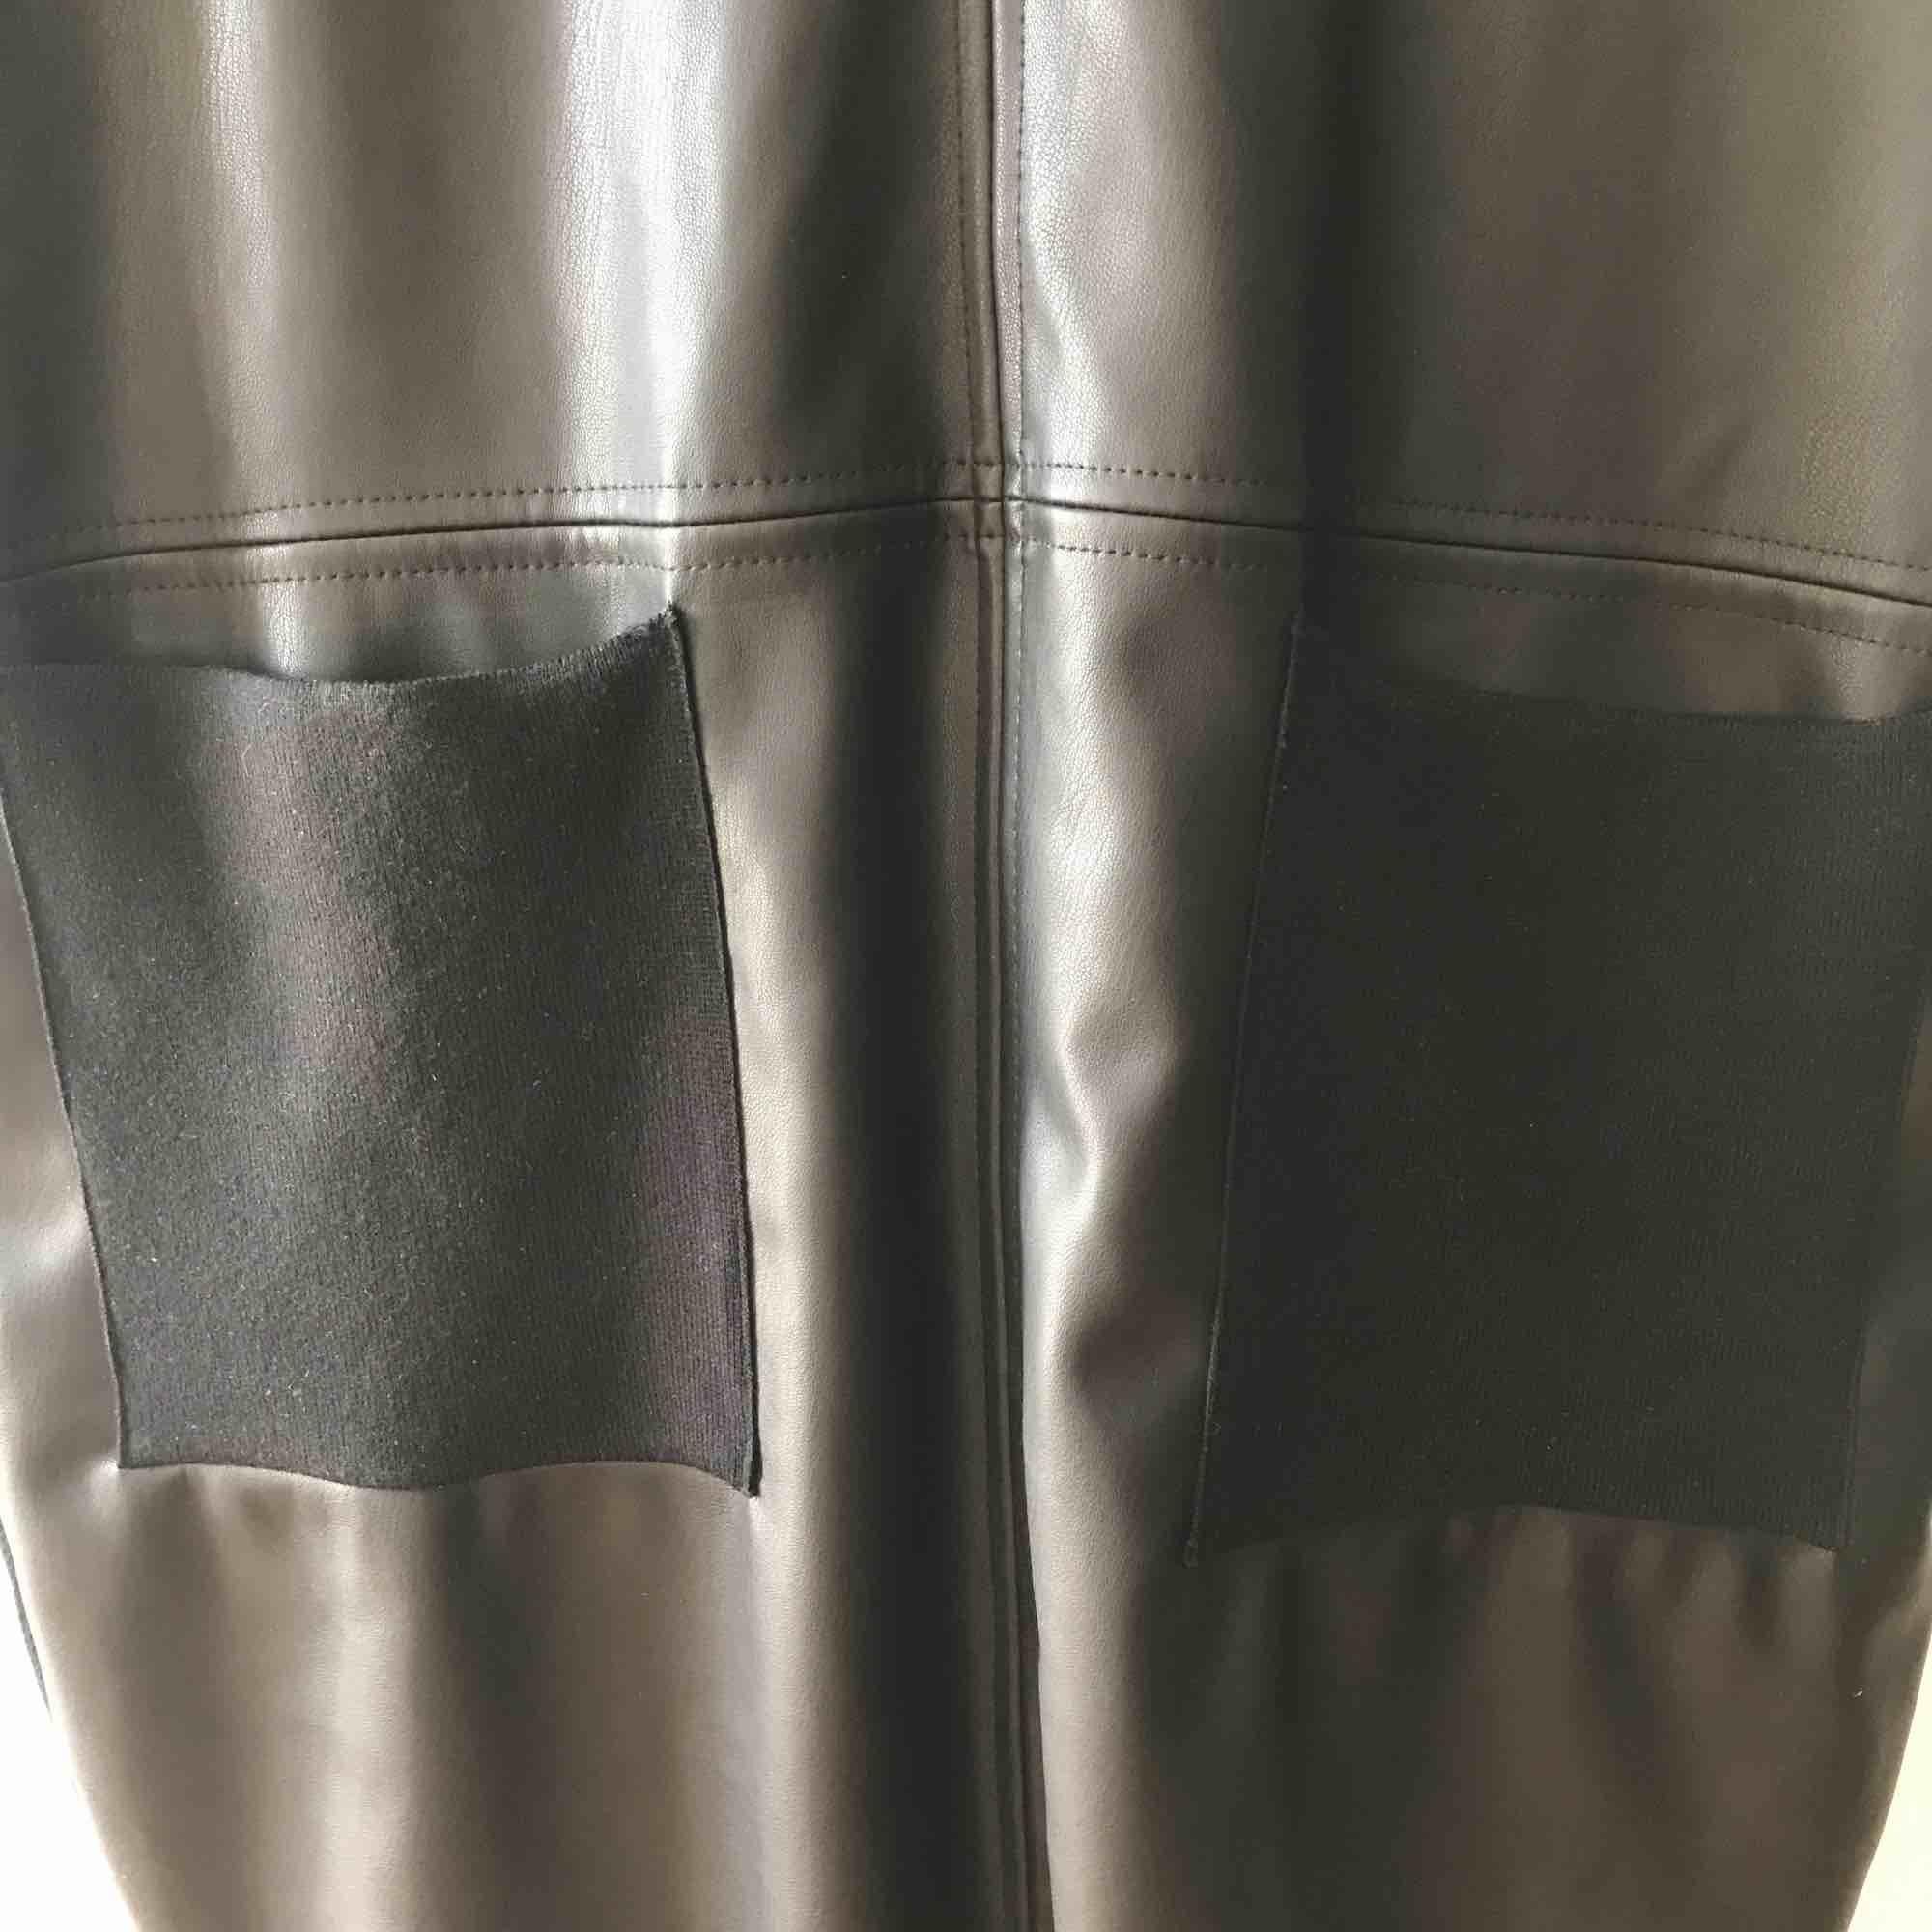 Svart T-shirt klänning med fejk läder på framsidan. Stickad baktill. Säljes då den inte kommer till användning. Nypris 400, säljer nu för 150 kr.  Köparen står för frakt.. Klänningar.